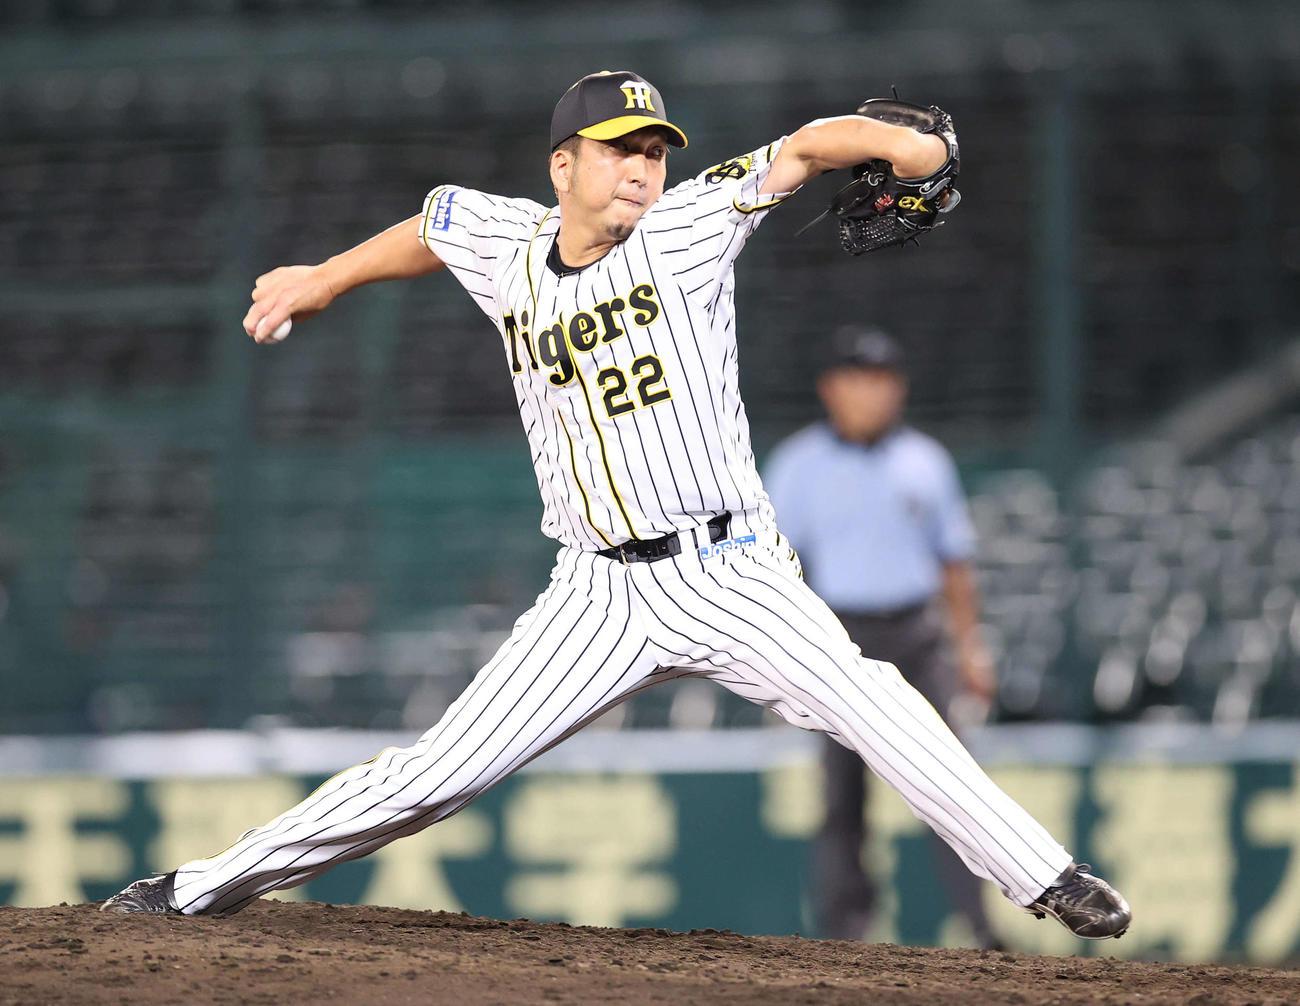 阪神対巨人 9回表に阪神4番手で登板した藤川(撮影・河野匠)